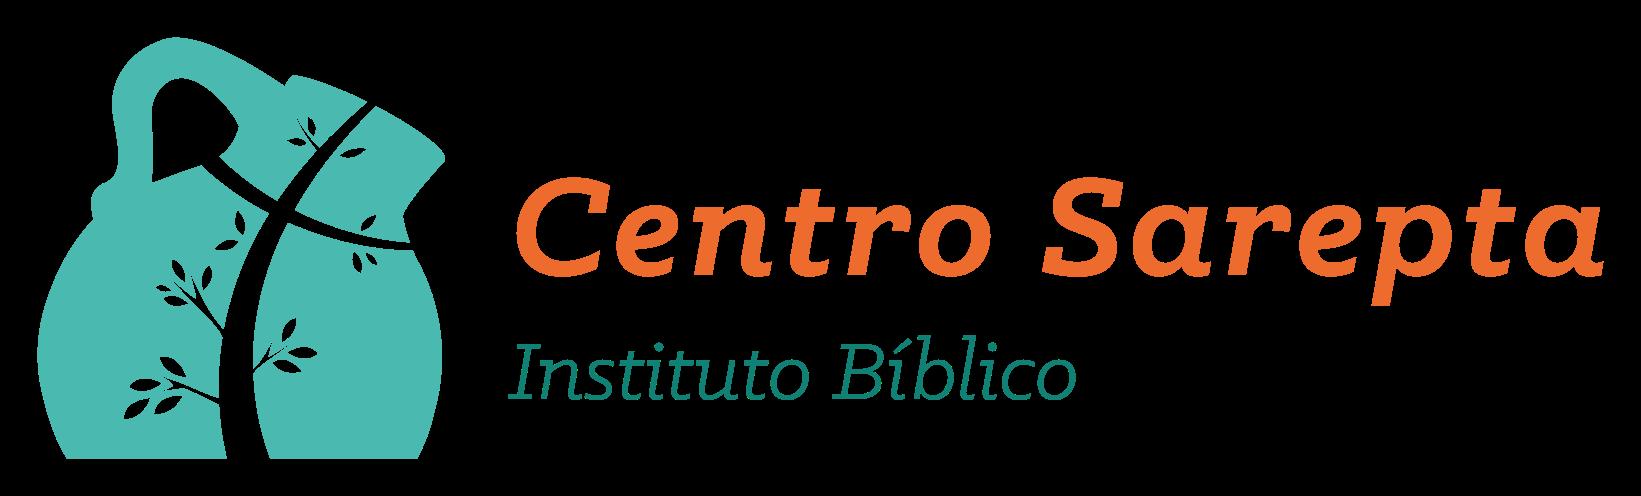 Centro Sarepta